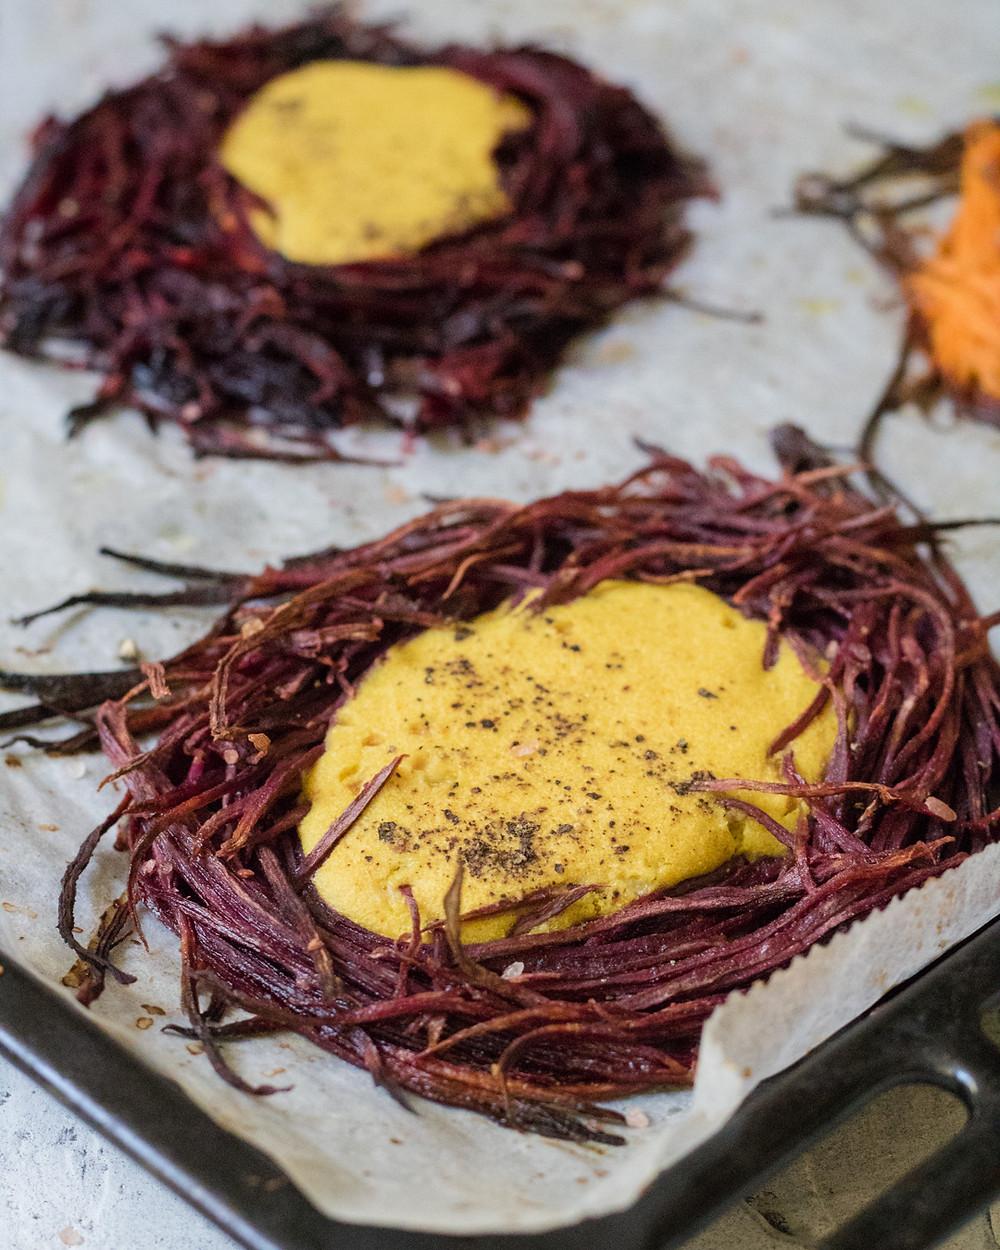 החביתת קמח חומוס טבעונית בתוך ירקות אפויים מנה טבעונית וללא גלוטן